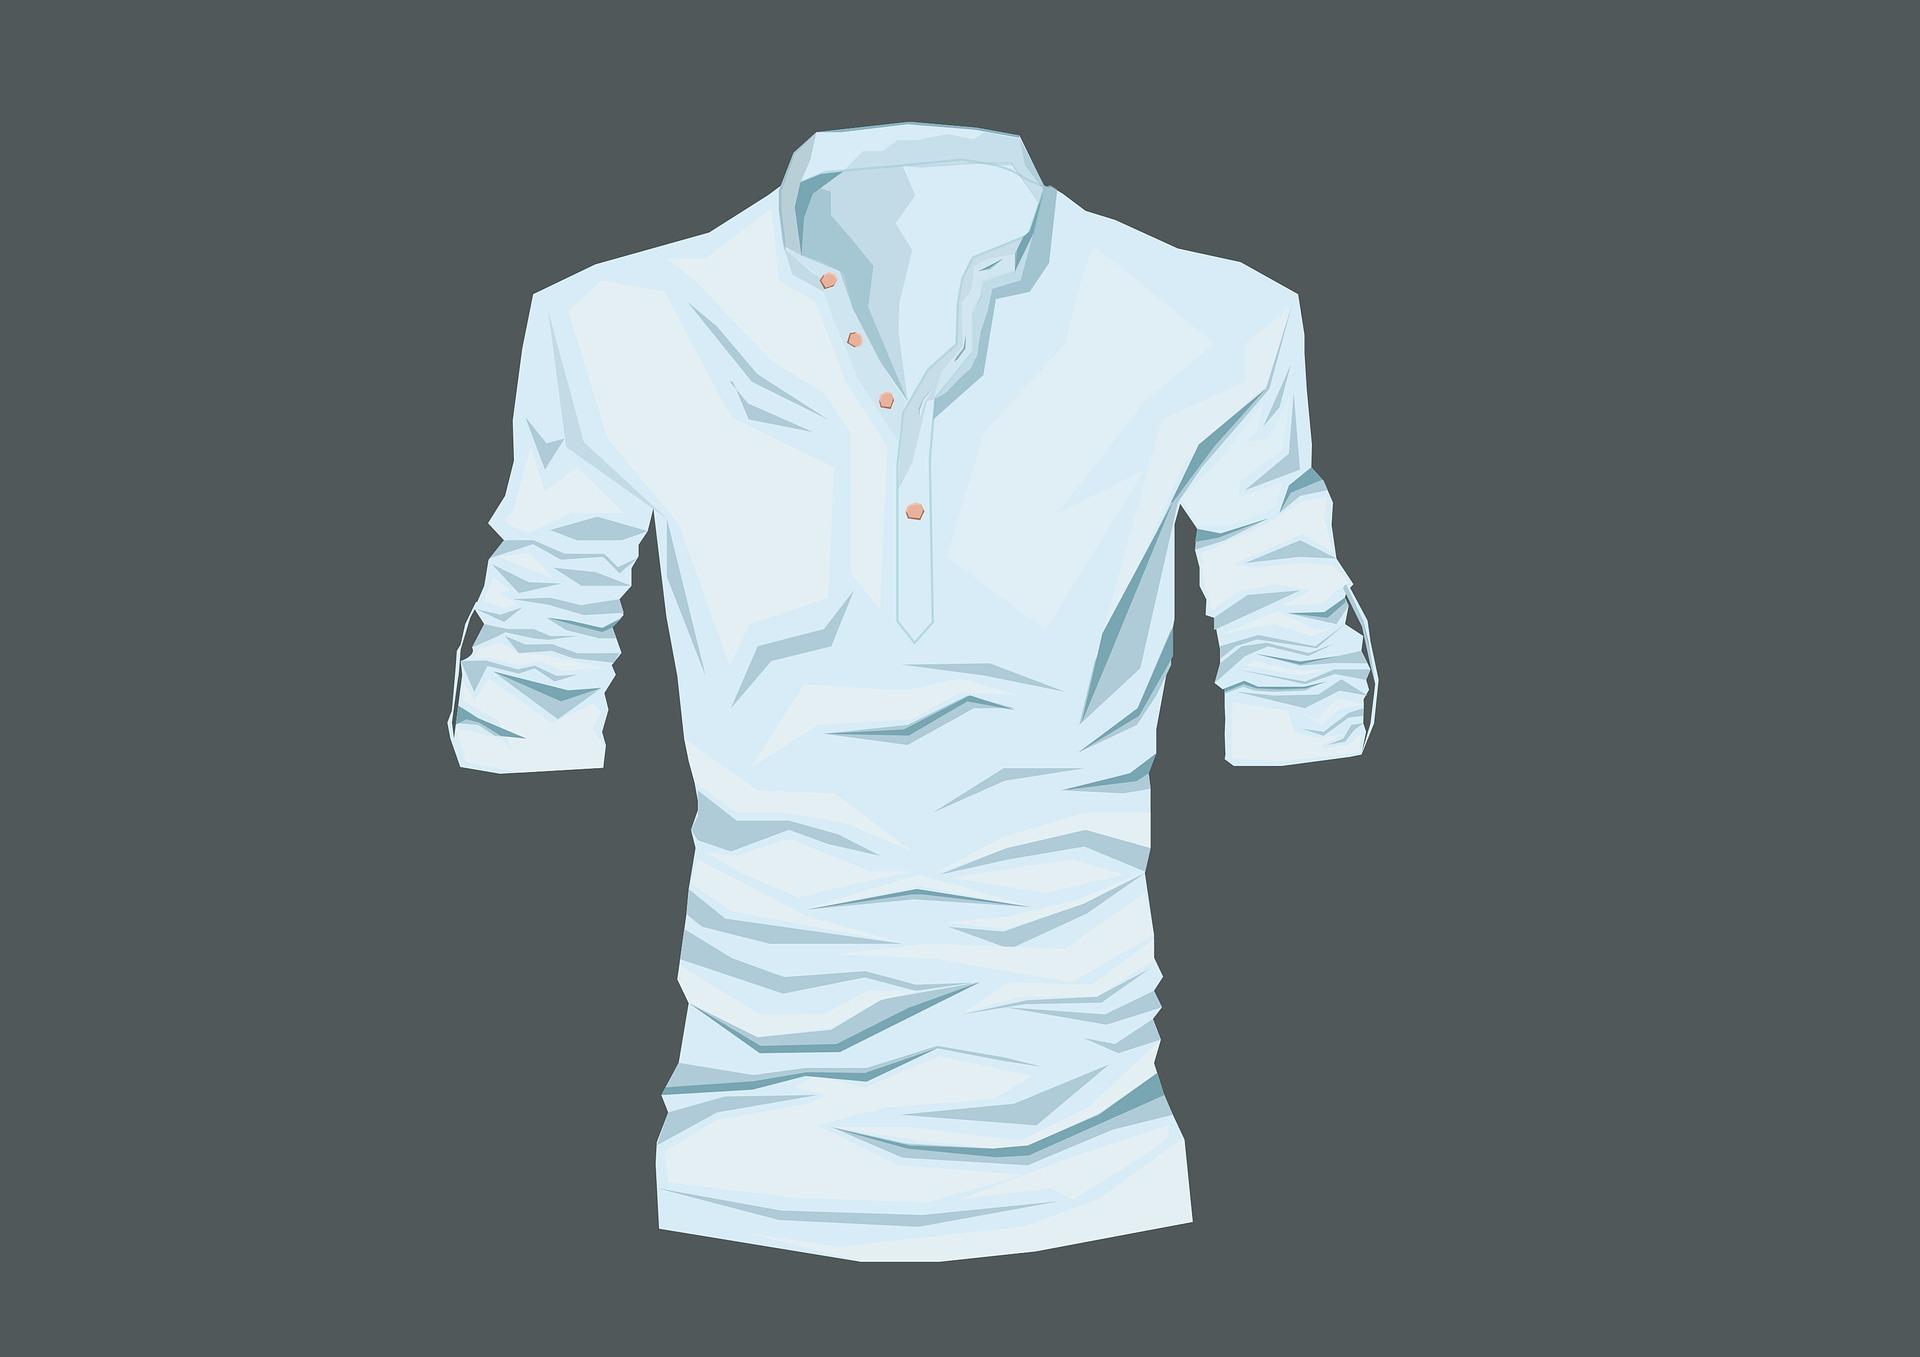 Друг или враг? Рубашка с коротким рукавом.